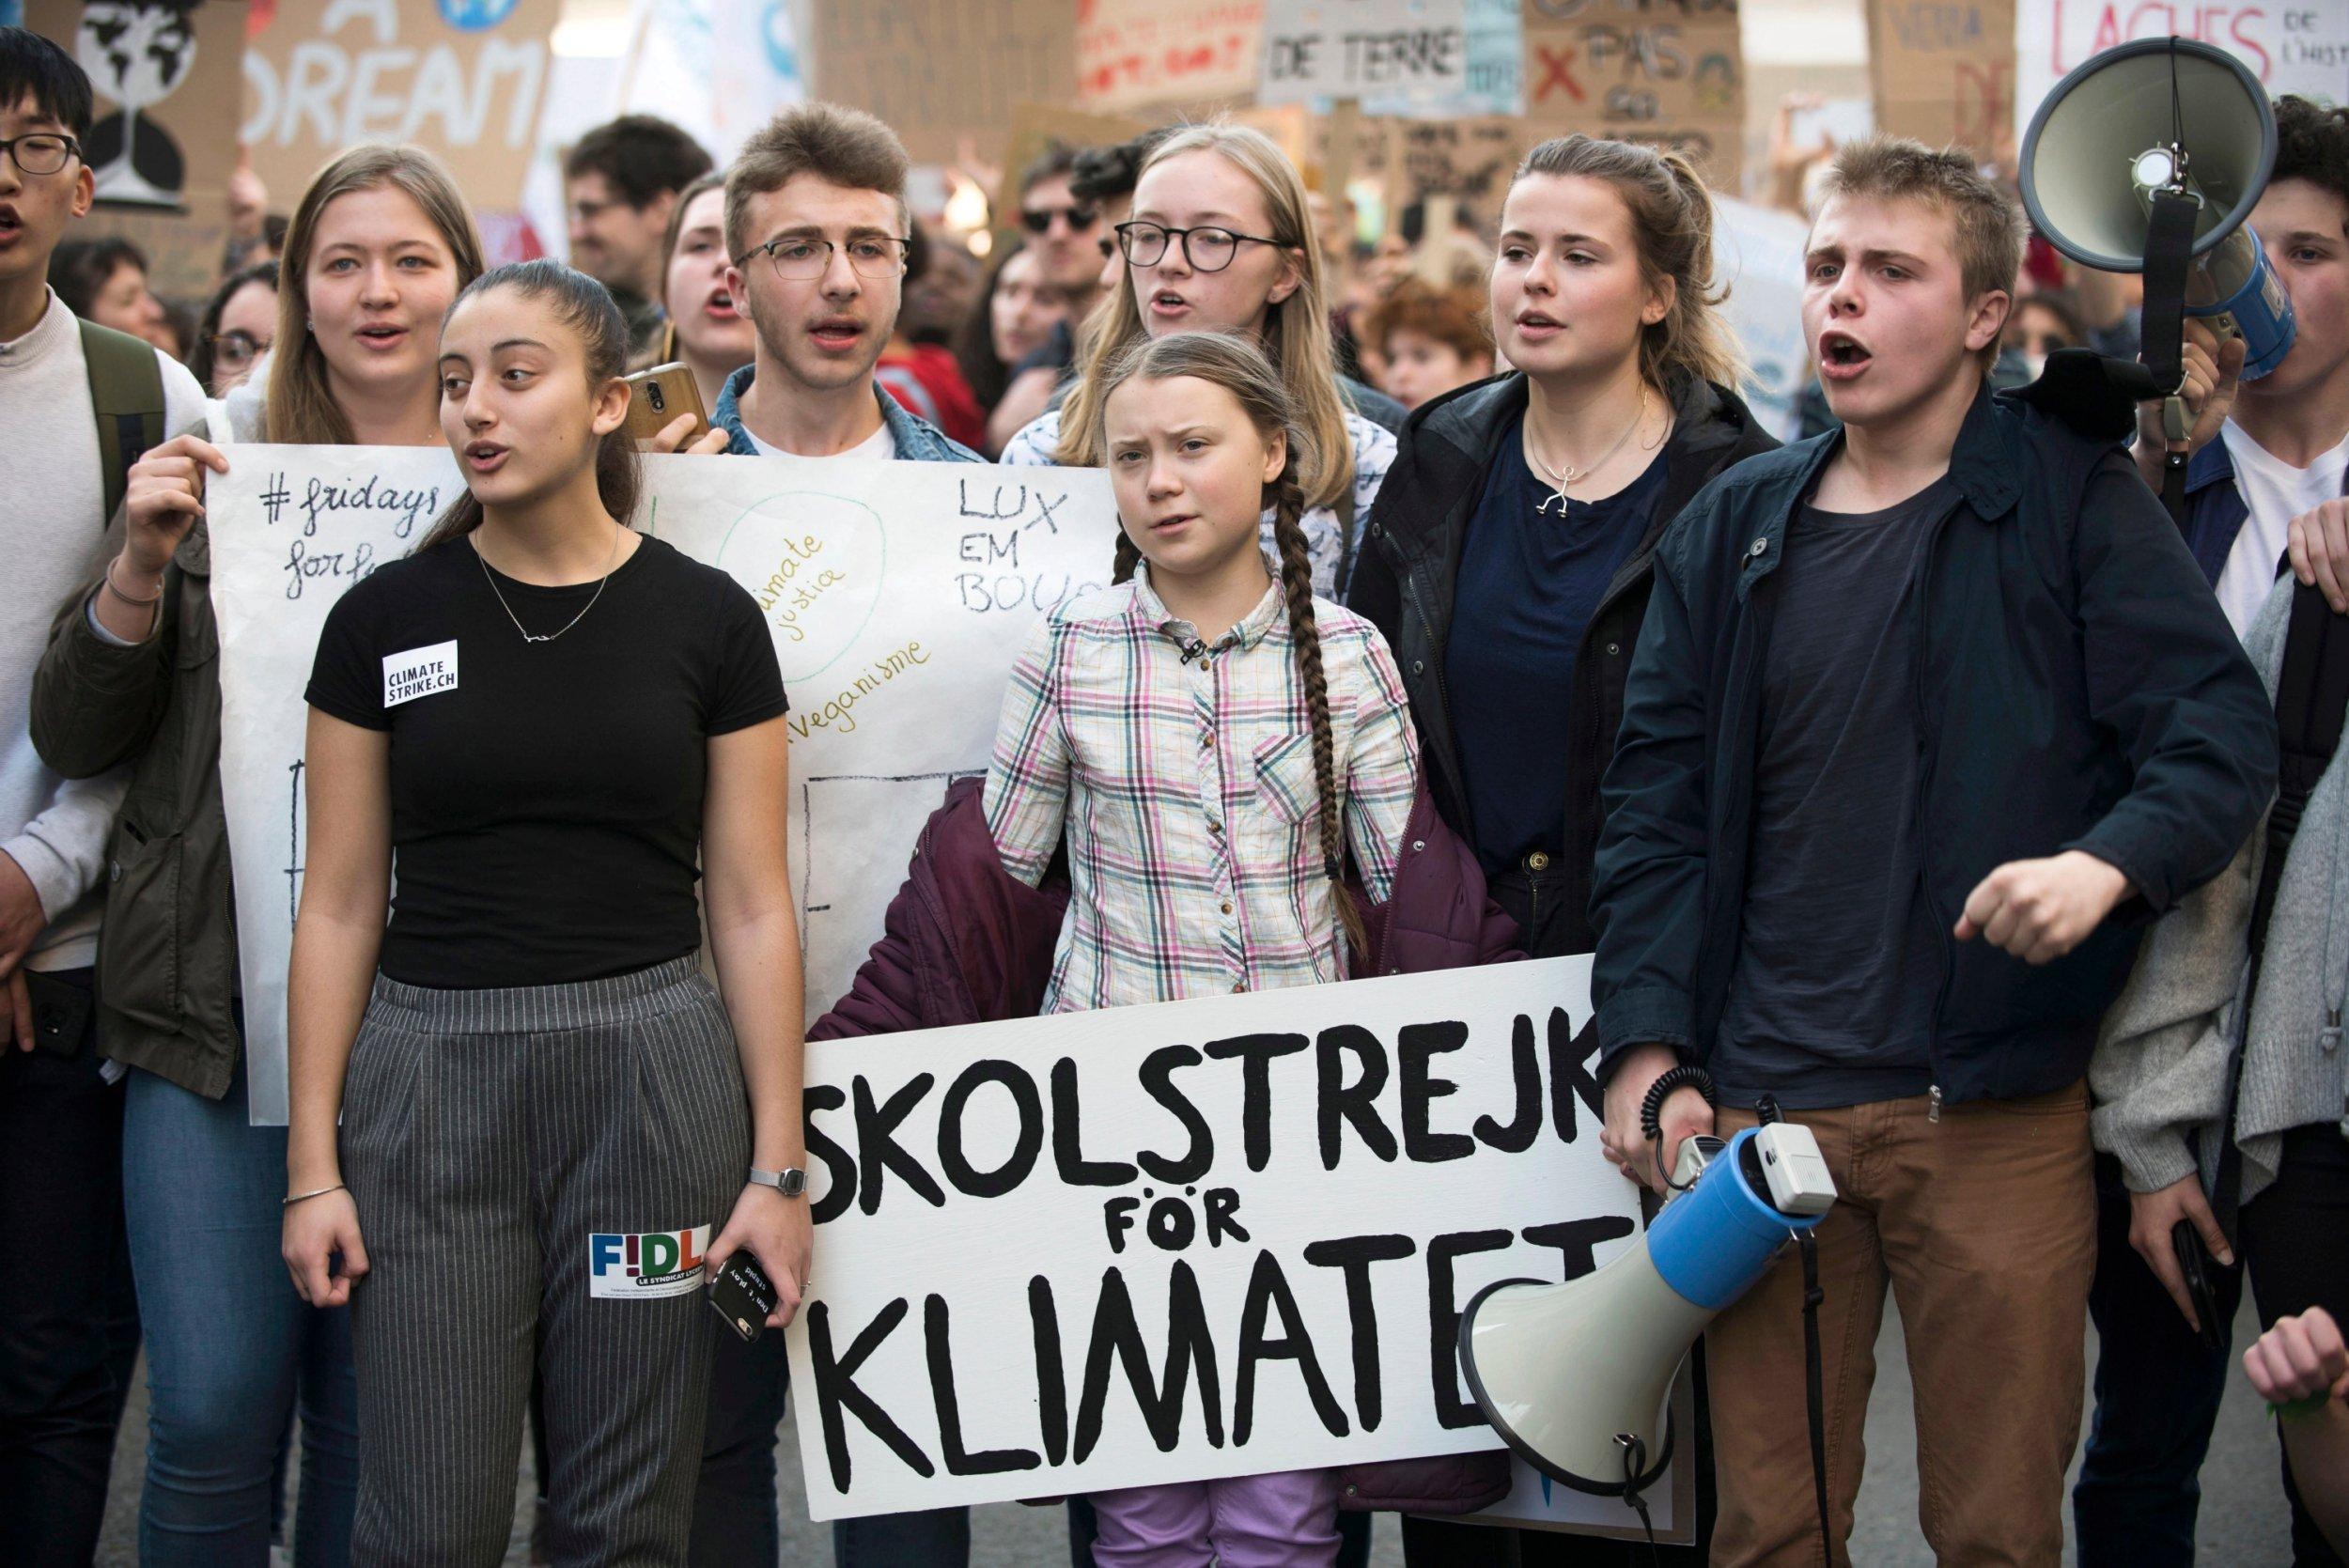 Non si è mai troppo piccoli per cambiare il mondo: la Davide Greta Thunberg contro i Golia del potere